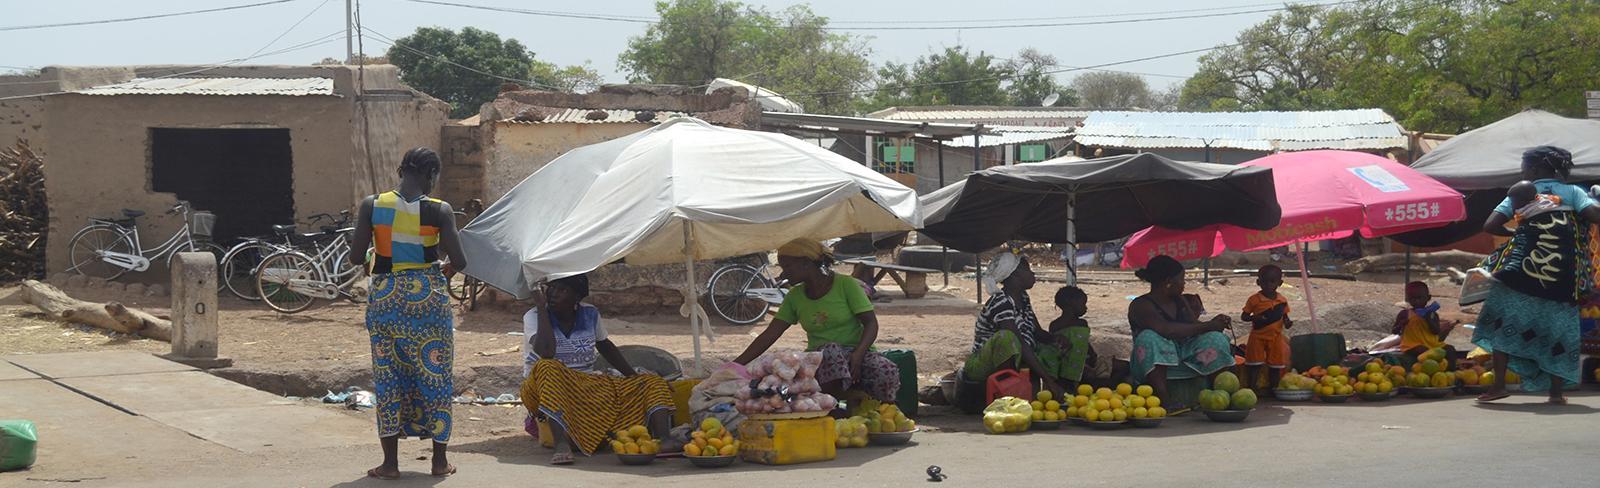 Burkina Faso: Reallocating Energy Subsidies Toward Social Safety Net Programs